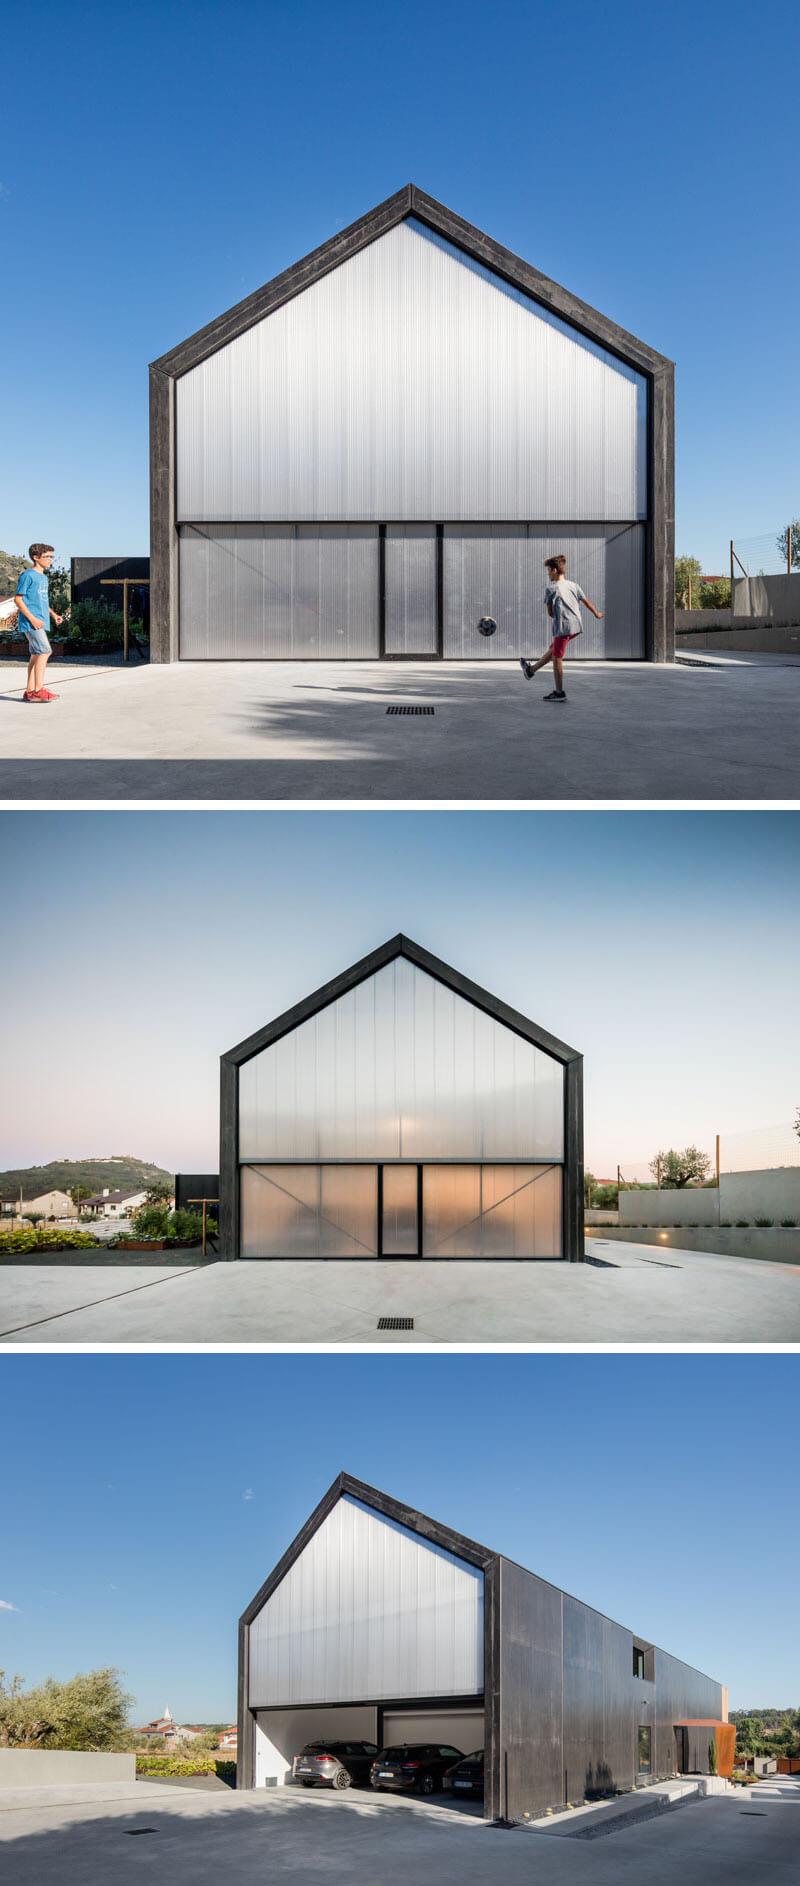 exterior garagem moderna arquitetura portugal